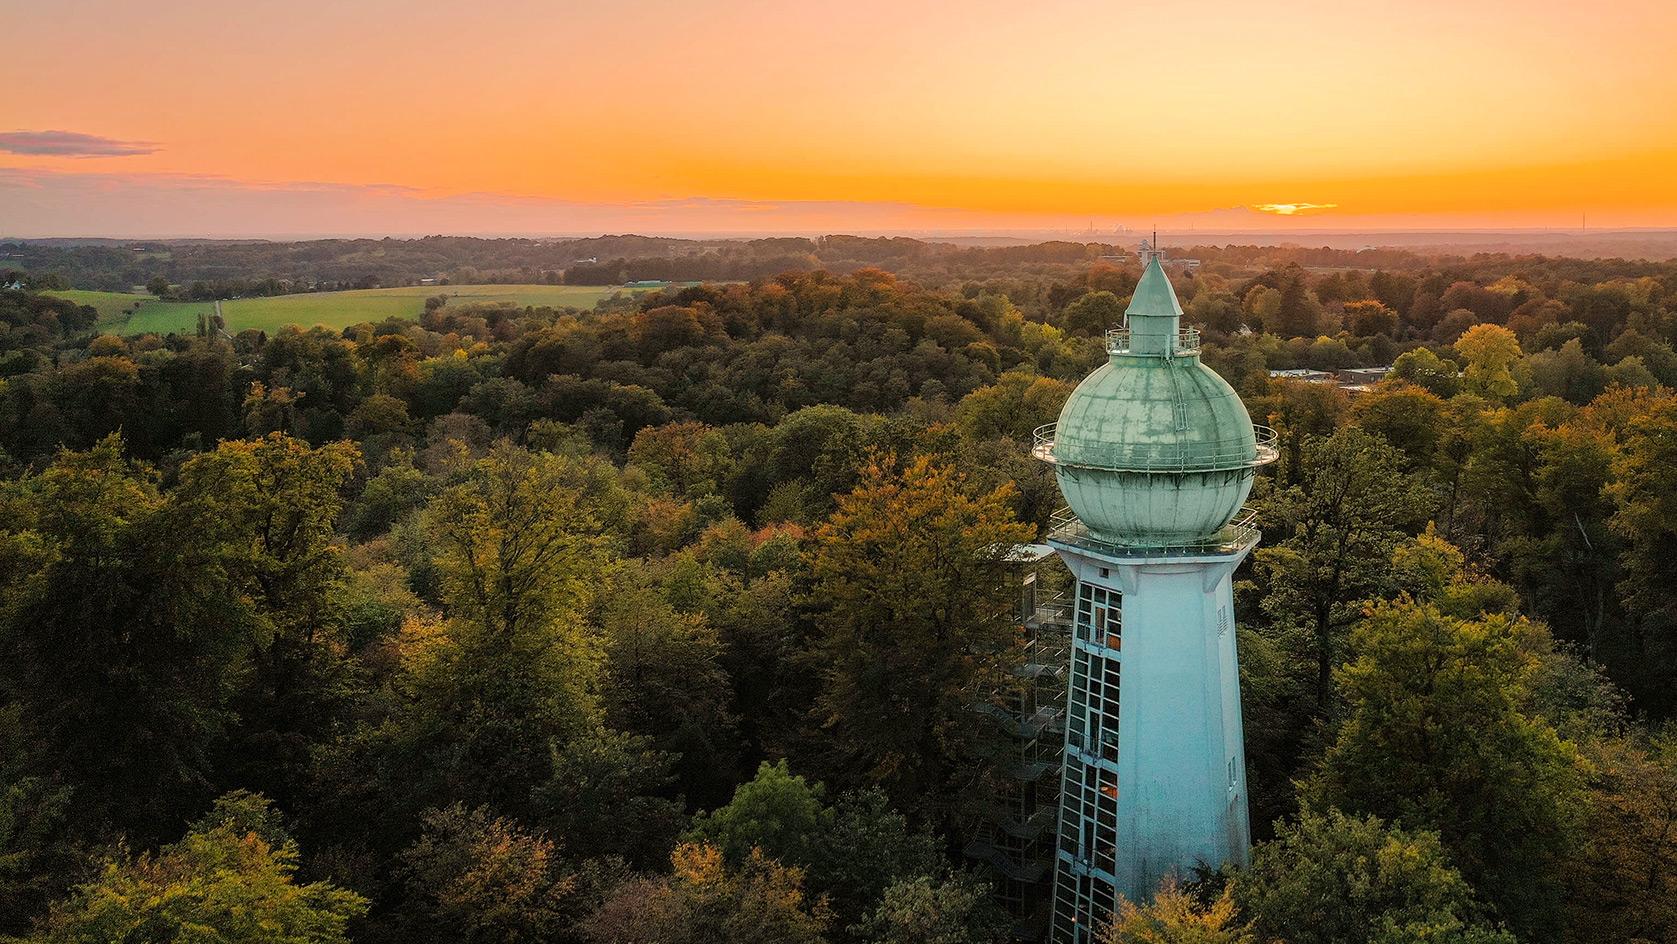 Der Wasserturm der 31M Design- und Werbeagentur in Essen, Ruhrgebiet